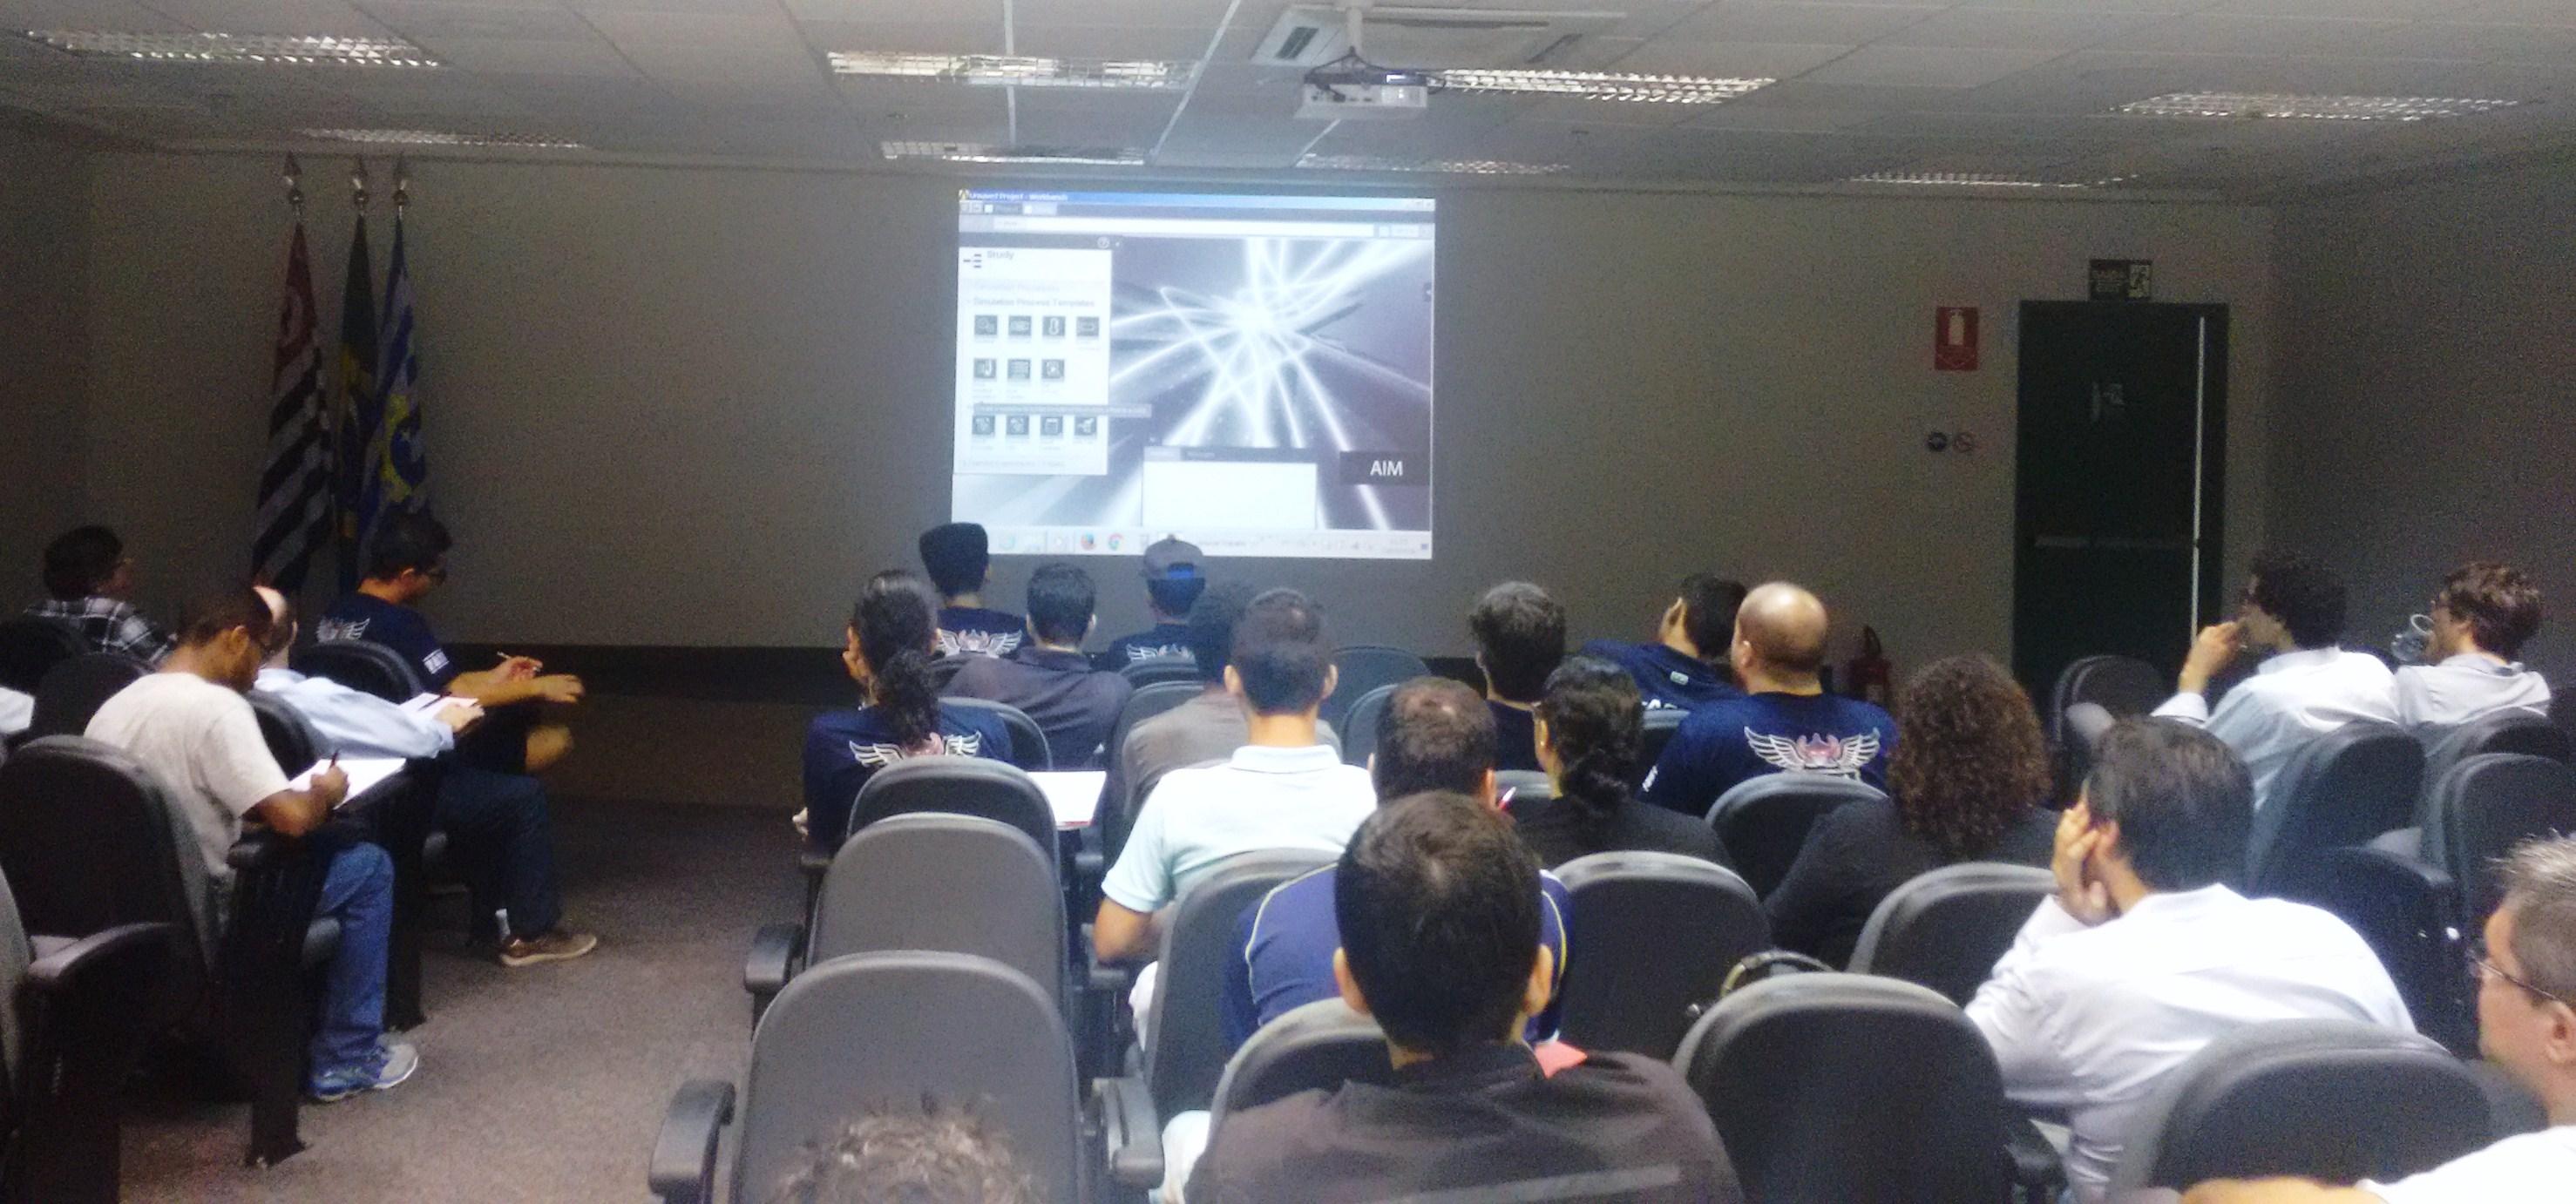 Evento reúne profissionais da academia e da indústria aeroespacial